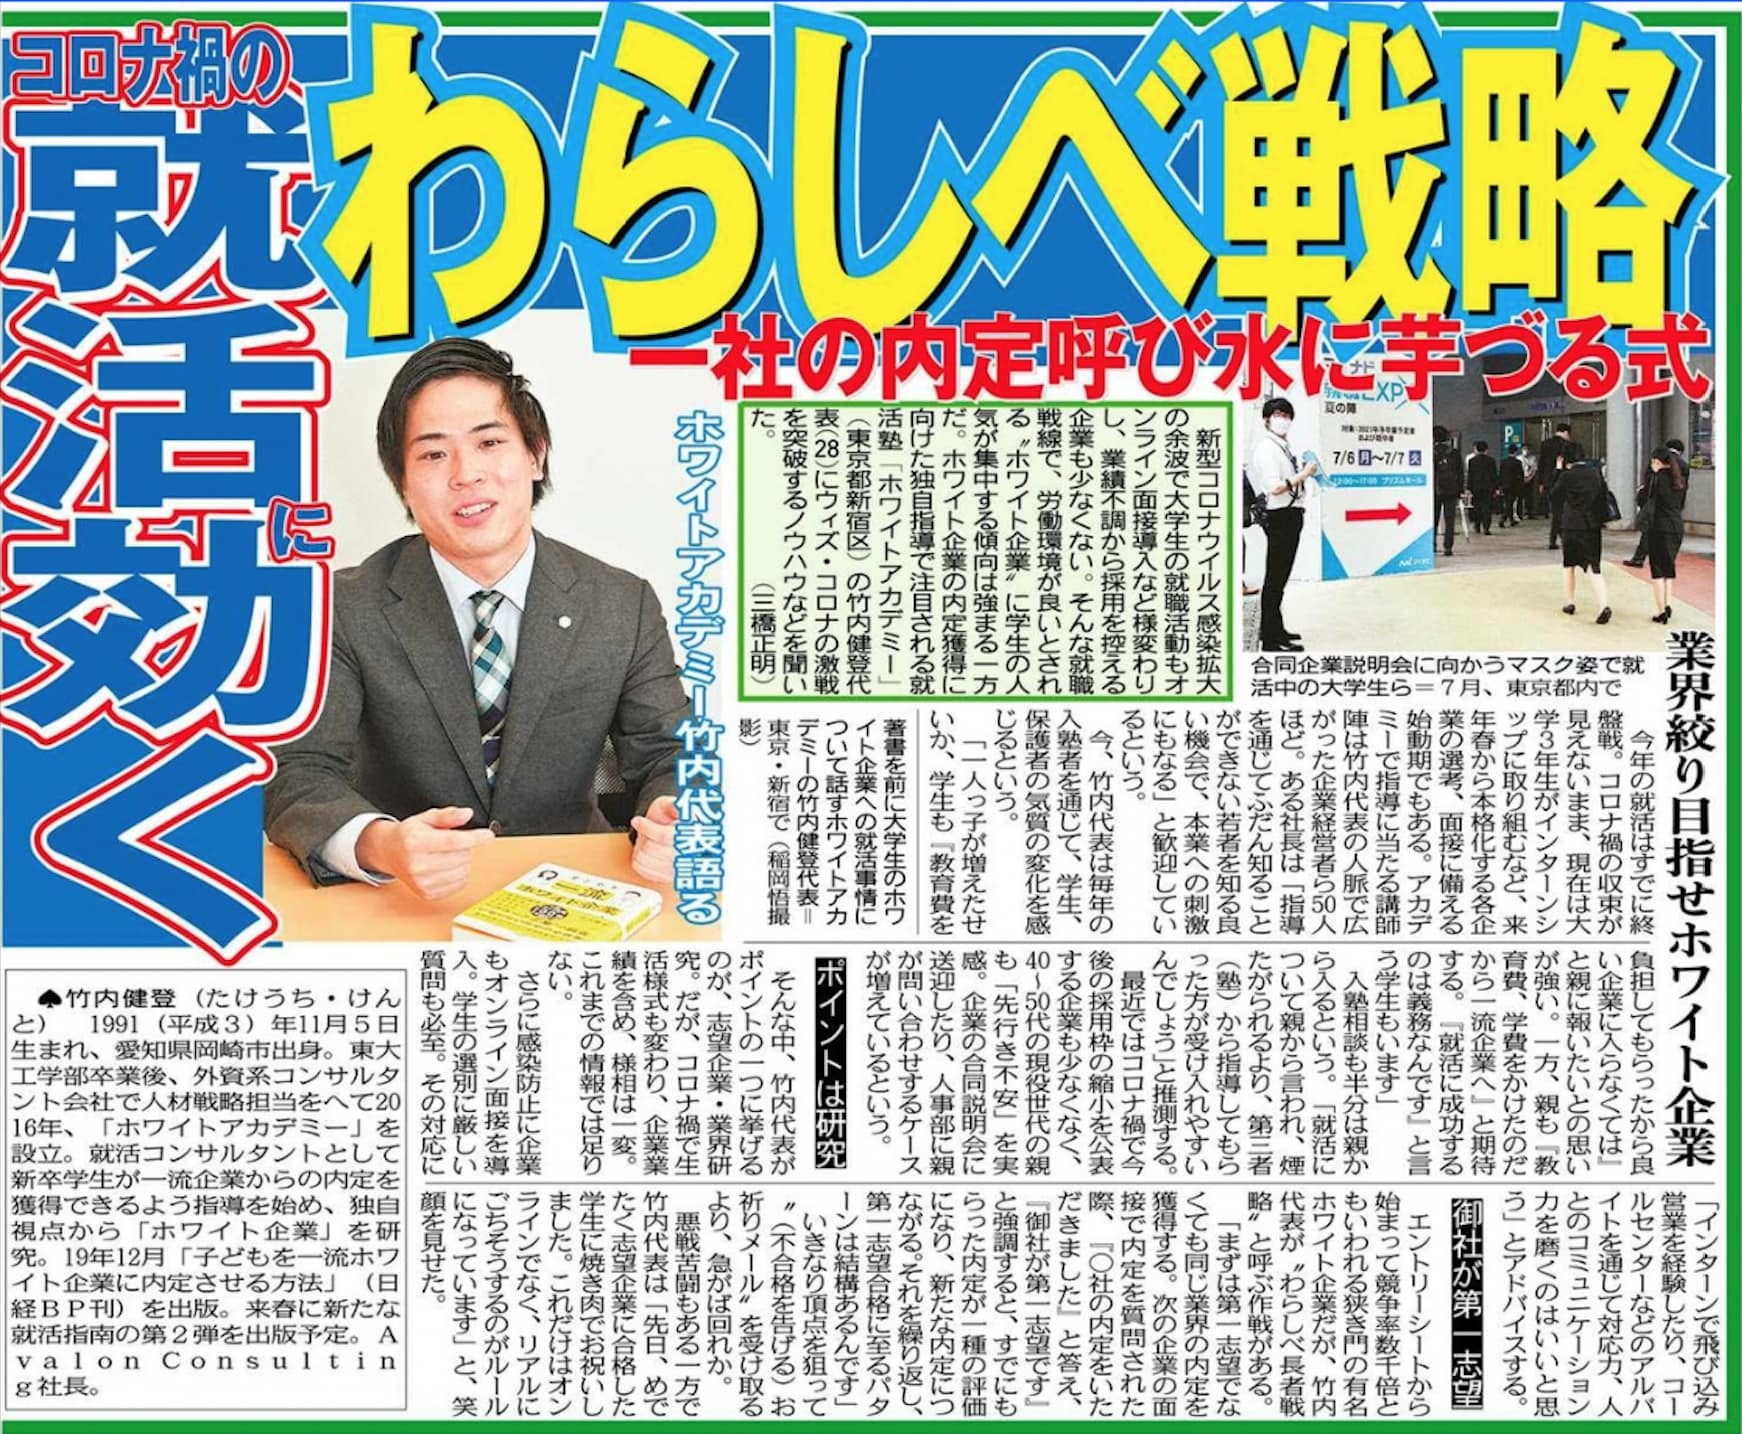 東京中日スポーツでの掲載記事